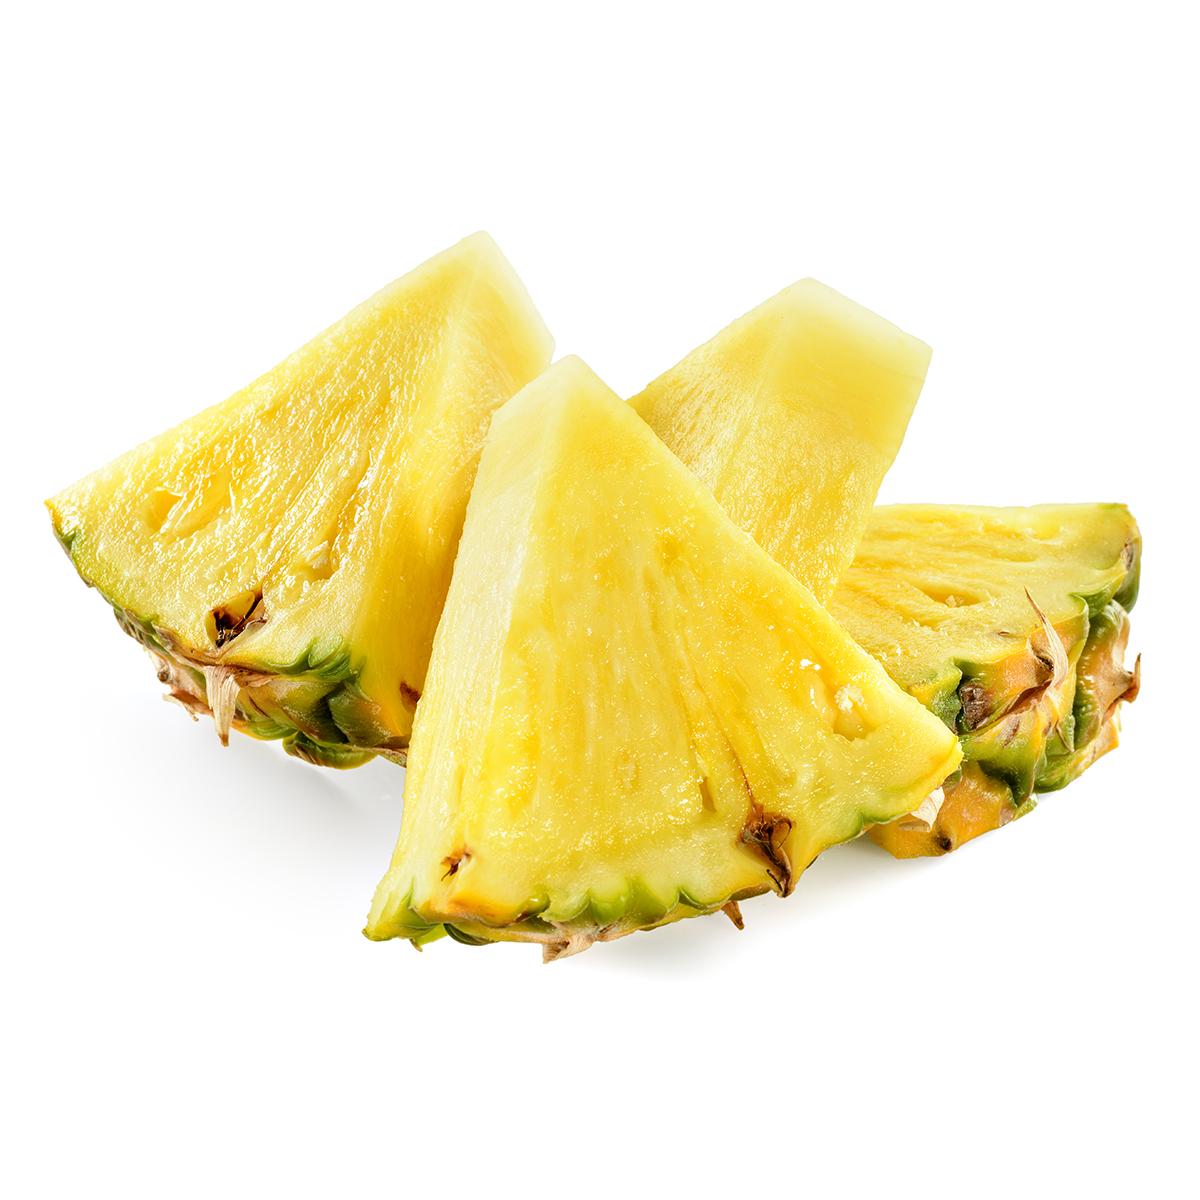 pineapple.479087166.1200x1200.jpg